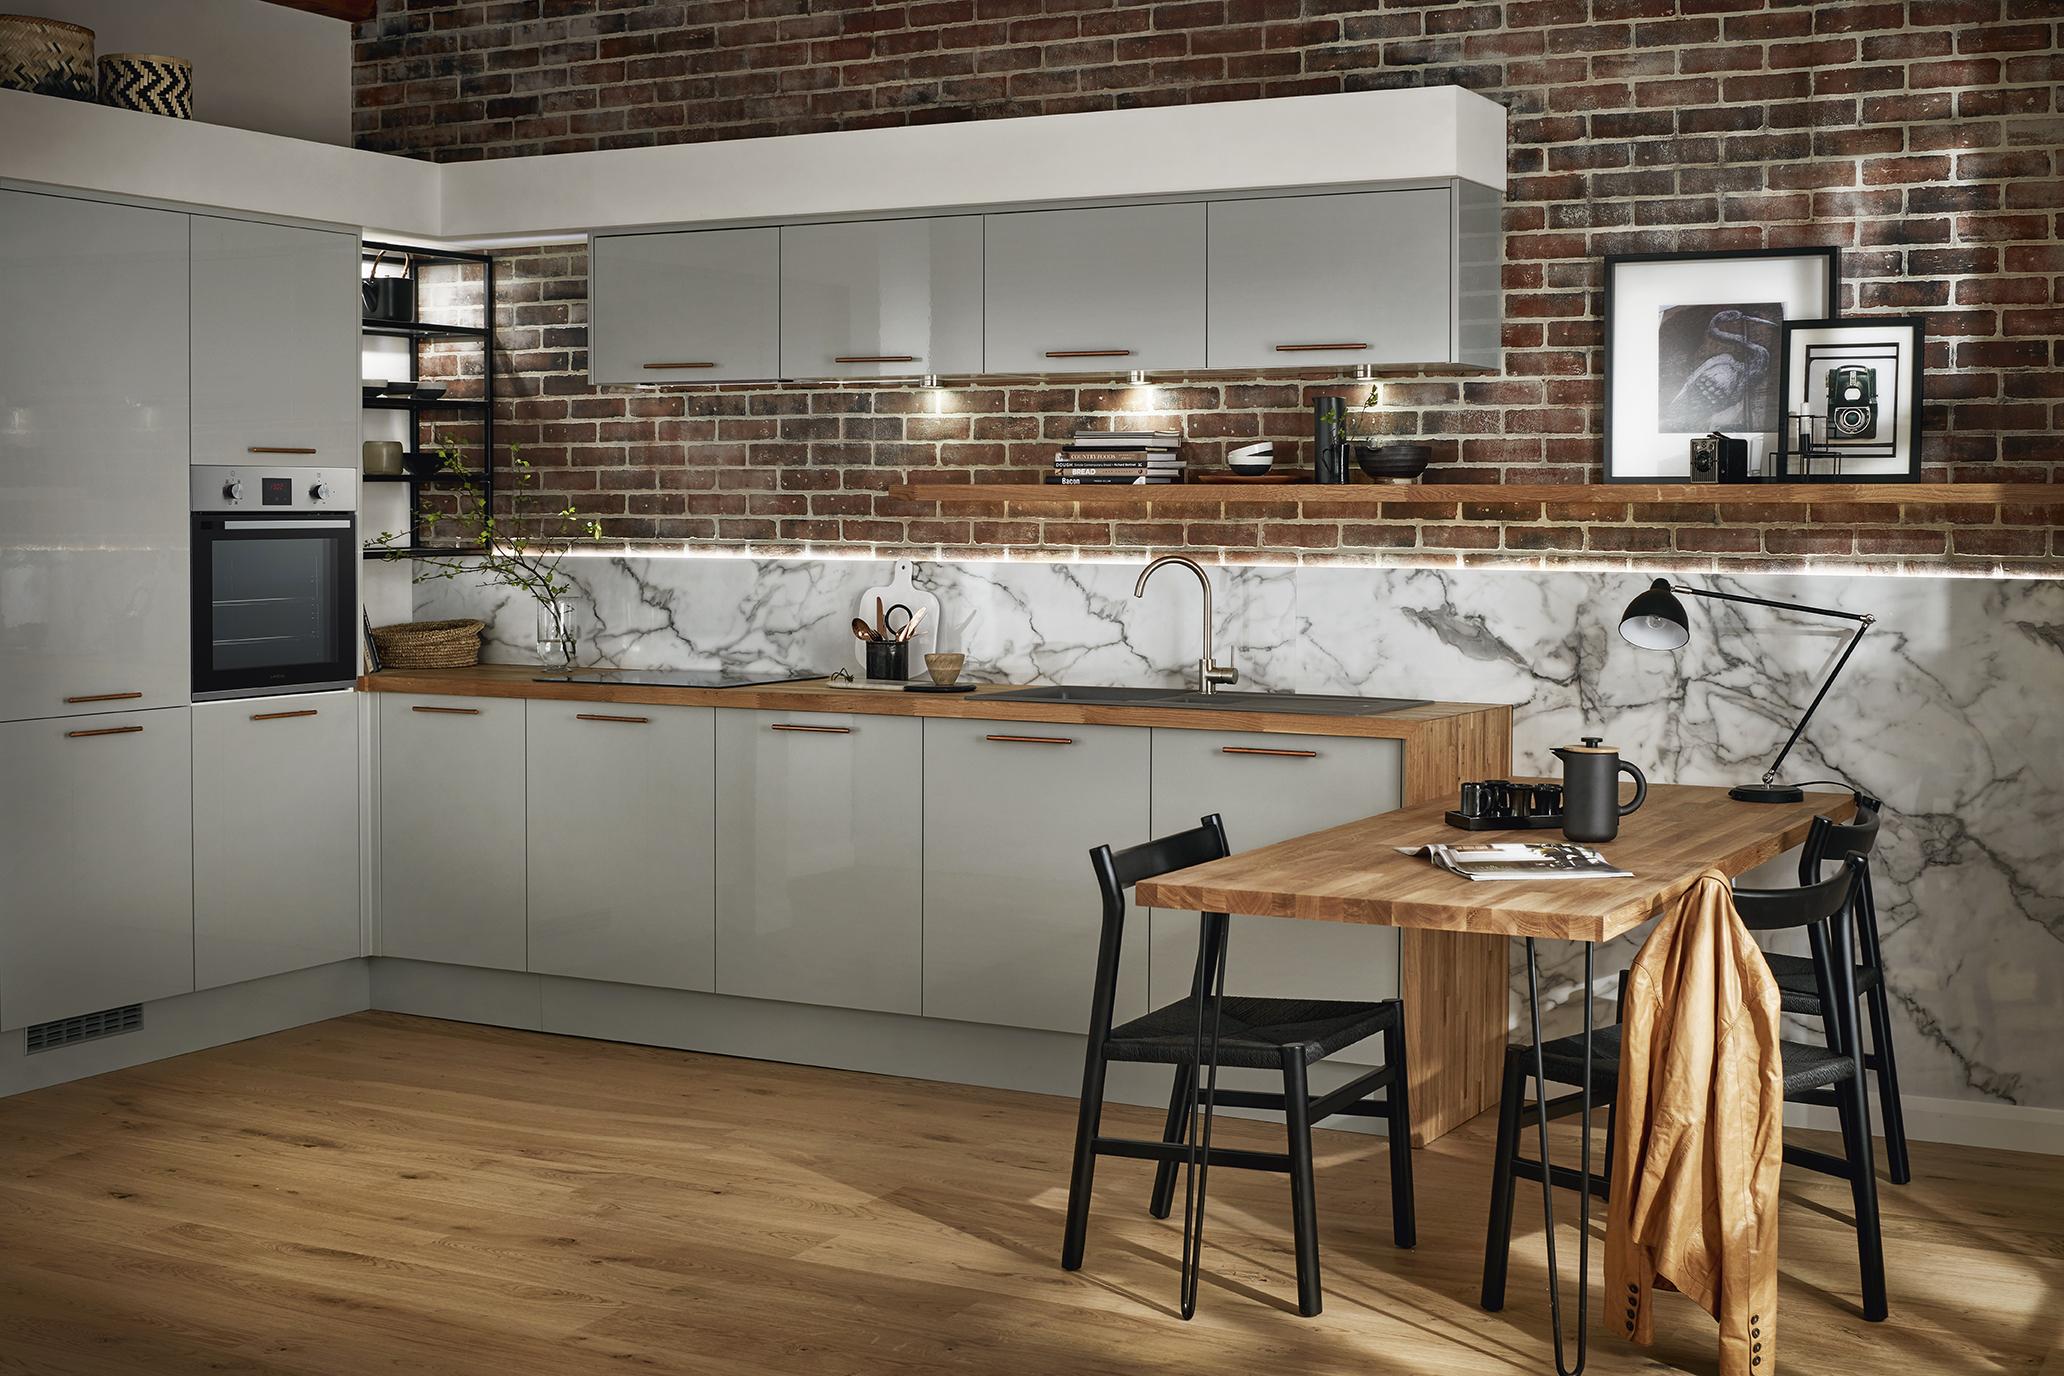 Timber worktop kitchen